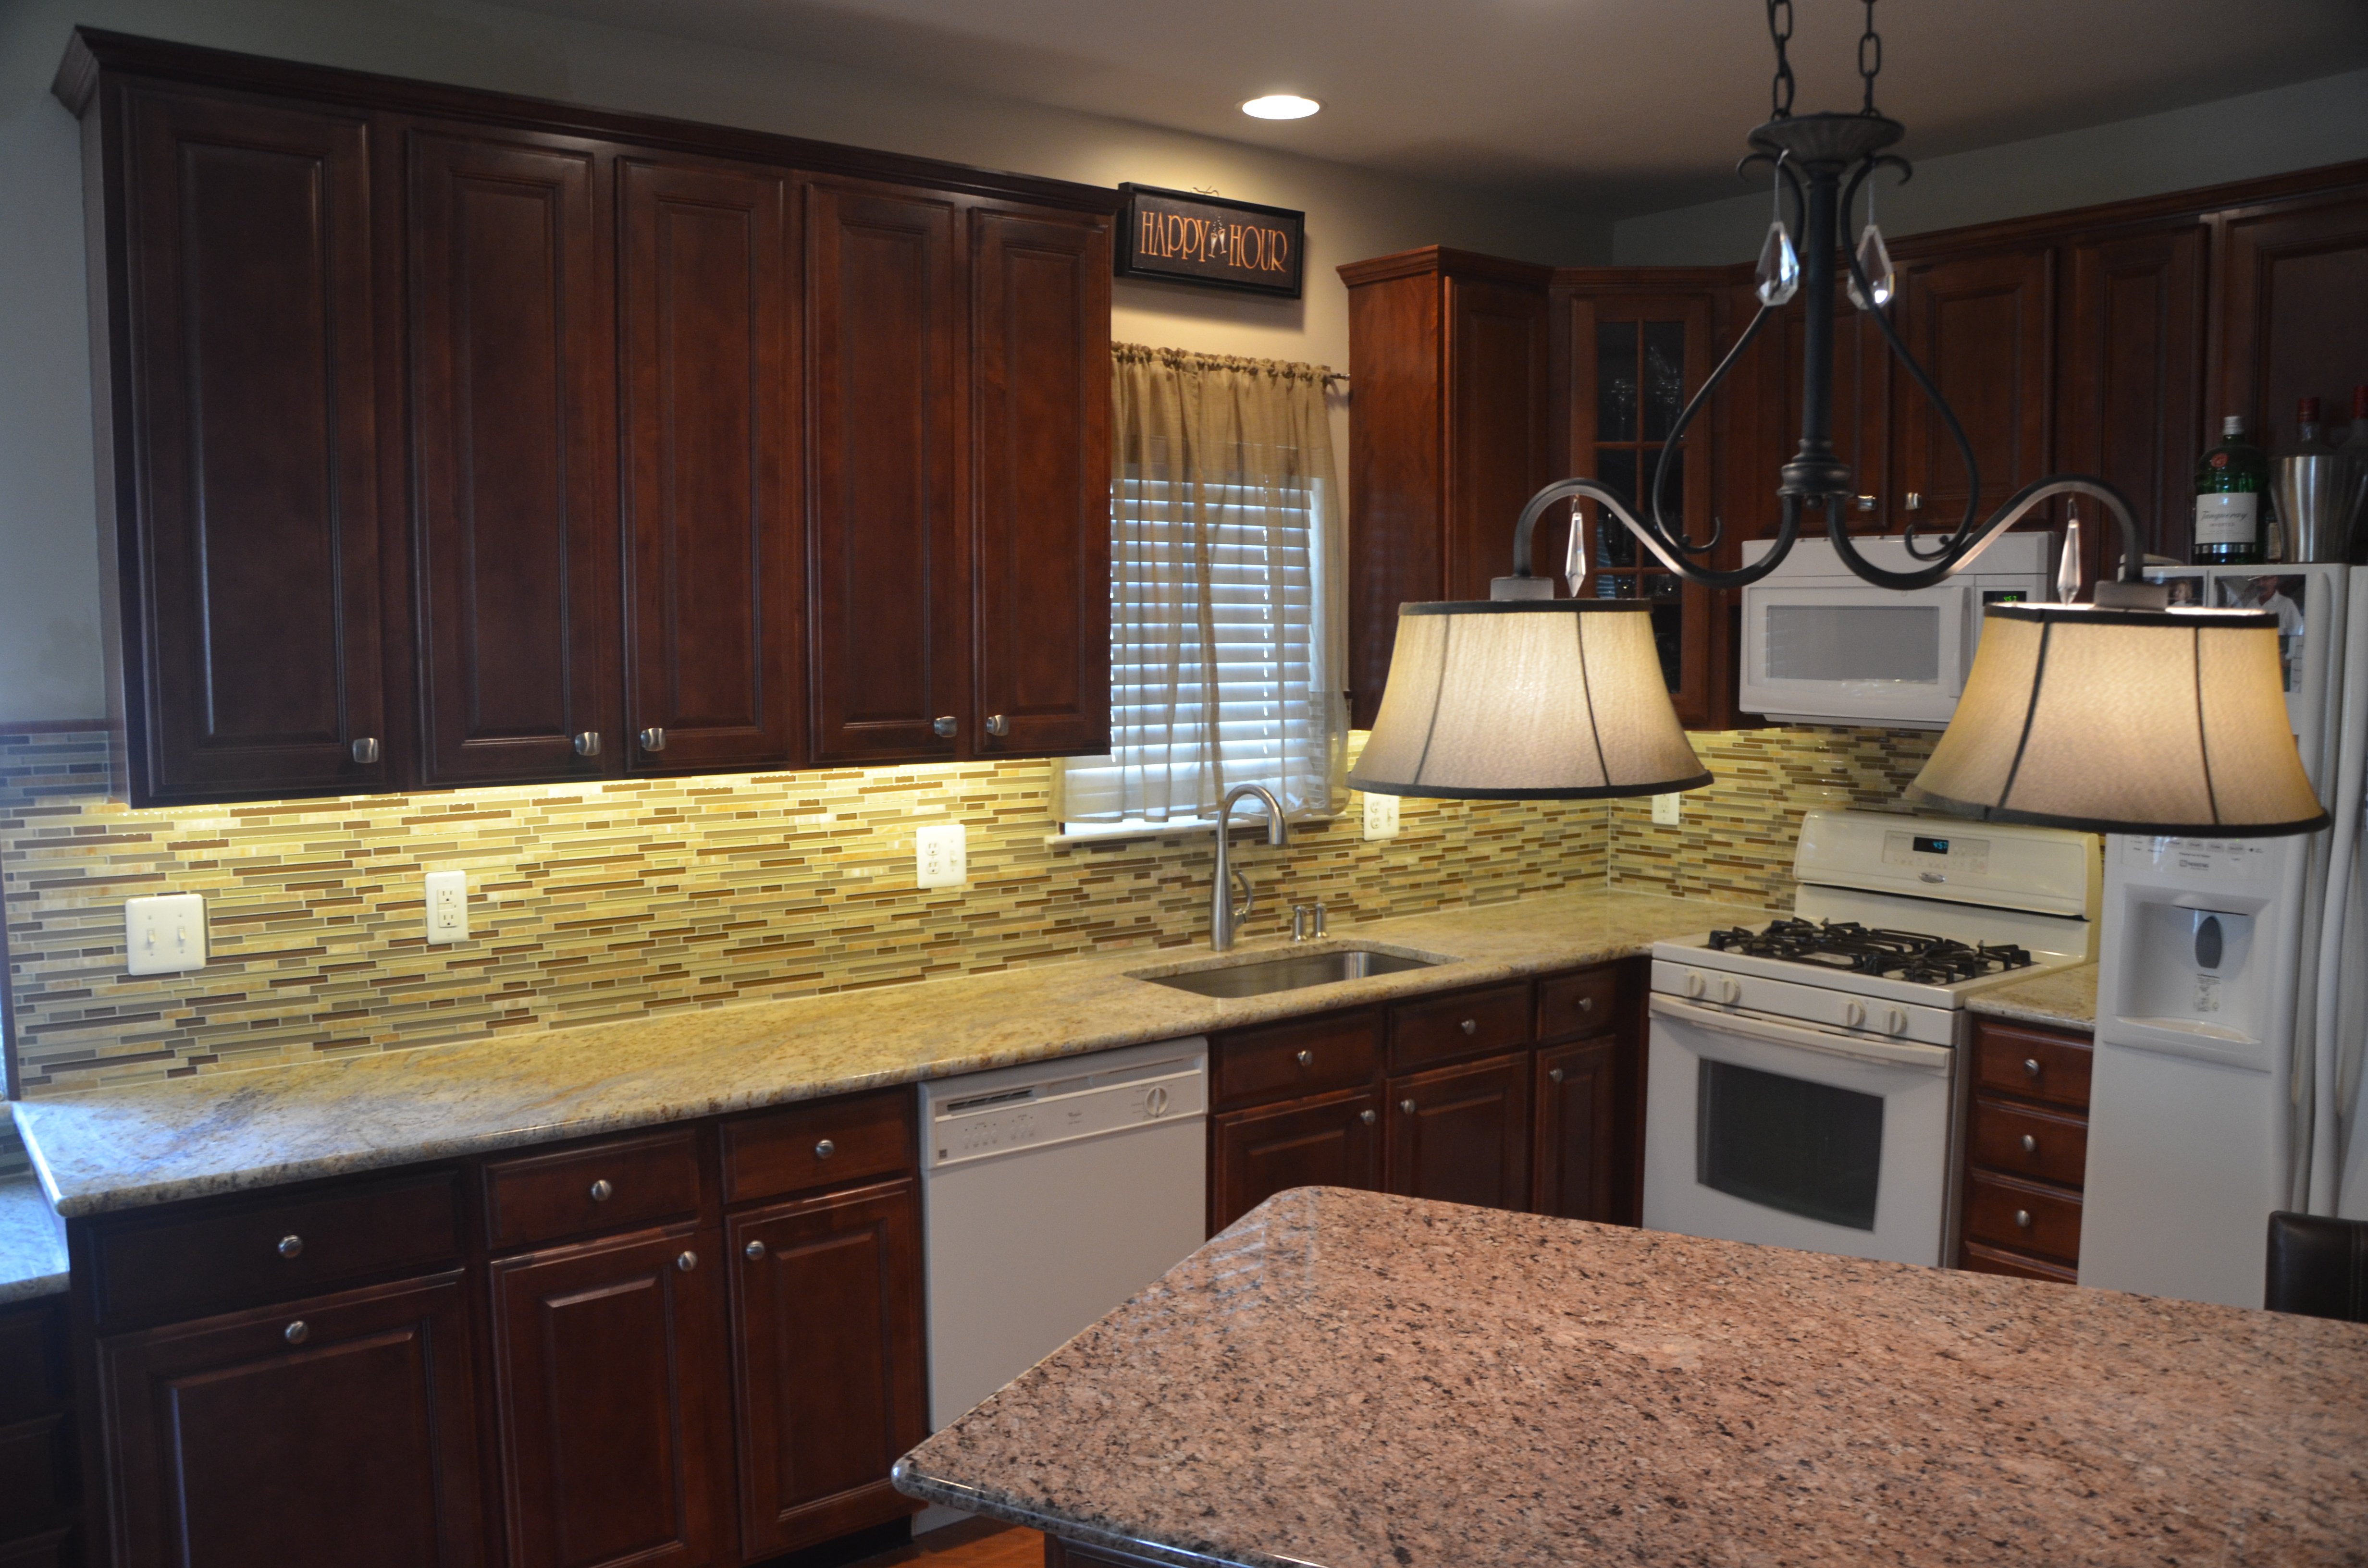 Kitchen remodel in West Deptford NJ – Add a little, get a lot ...